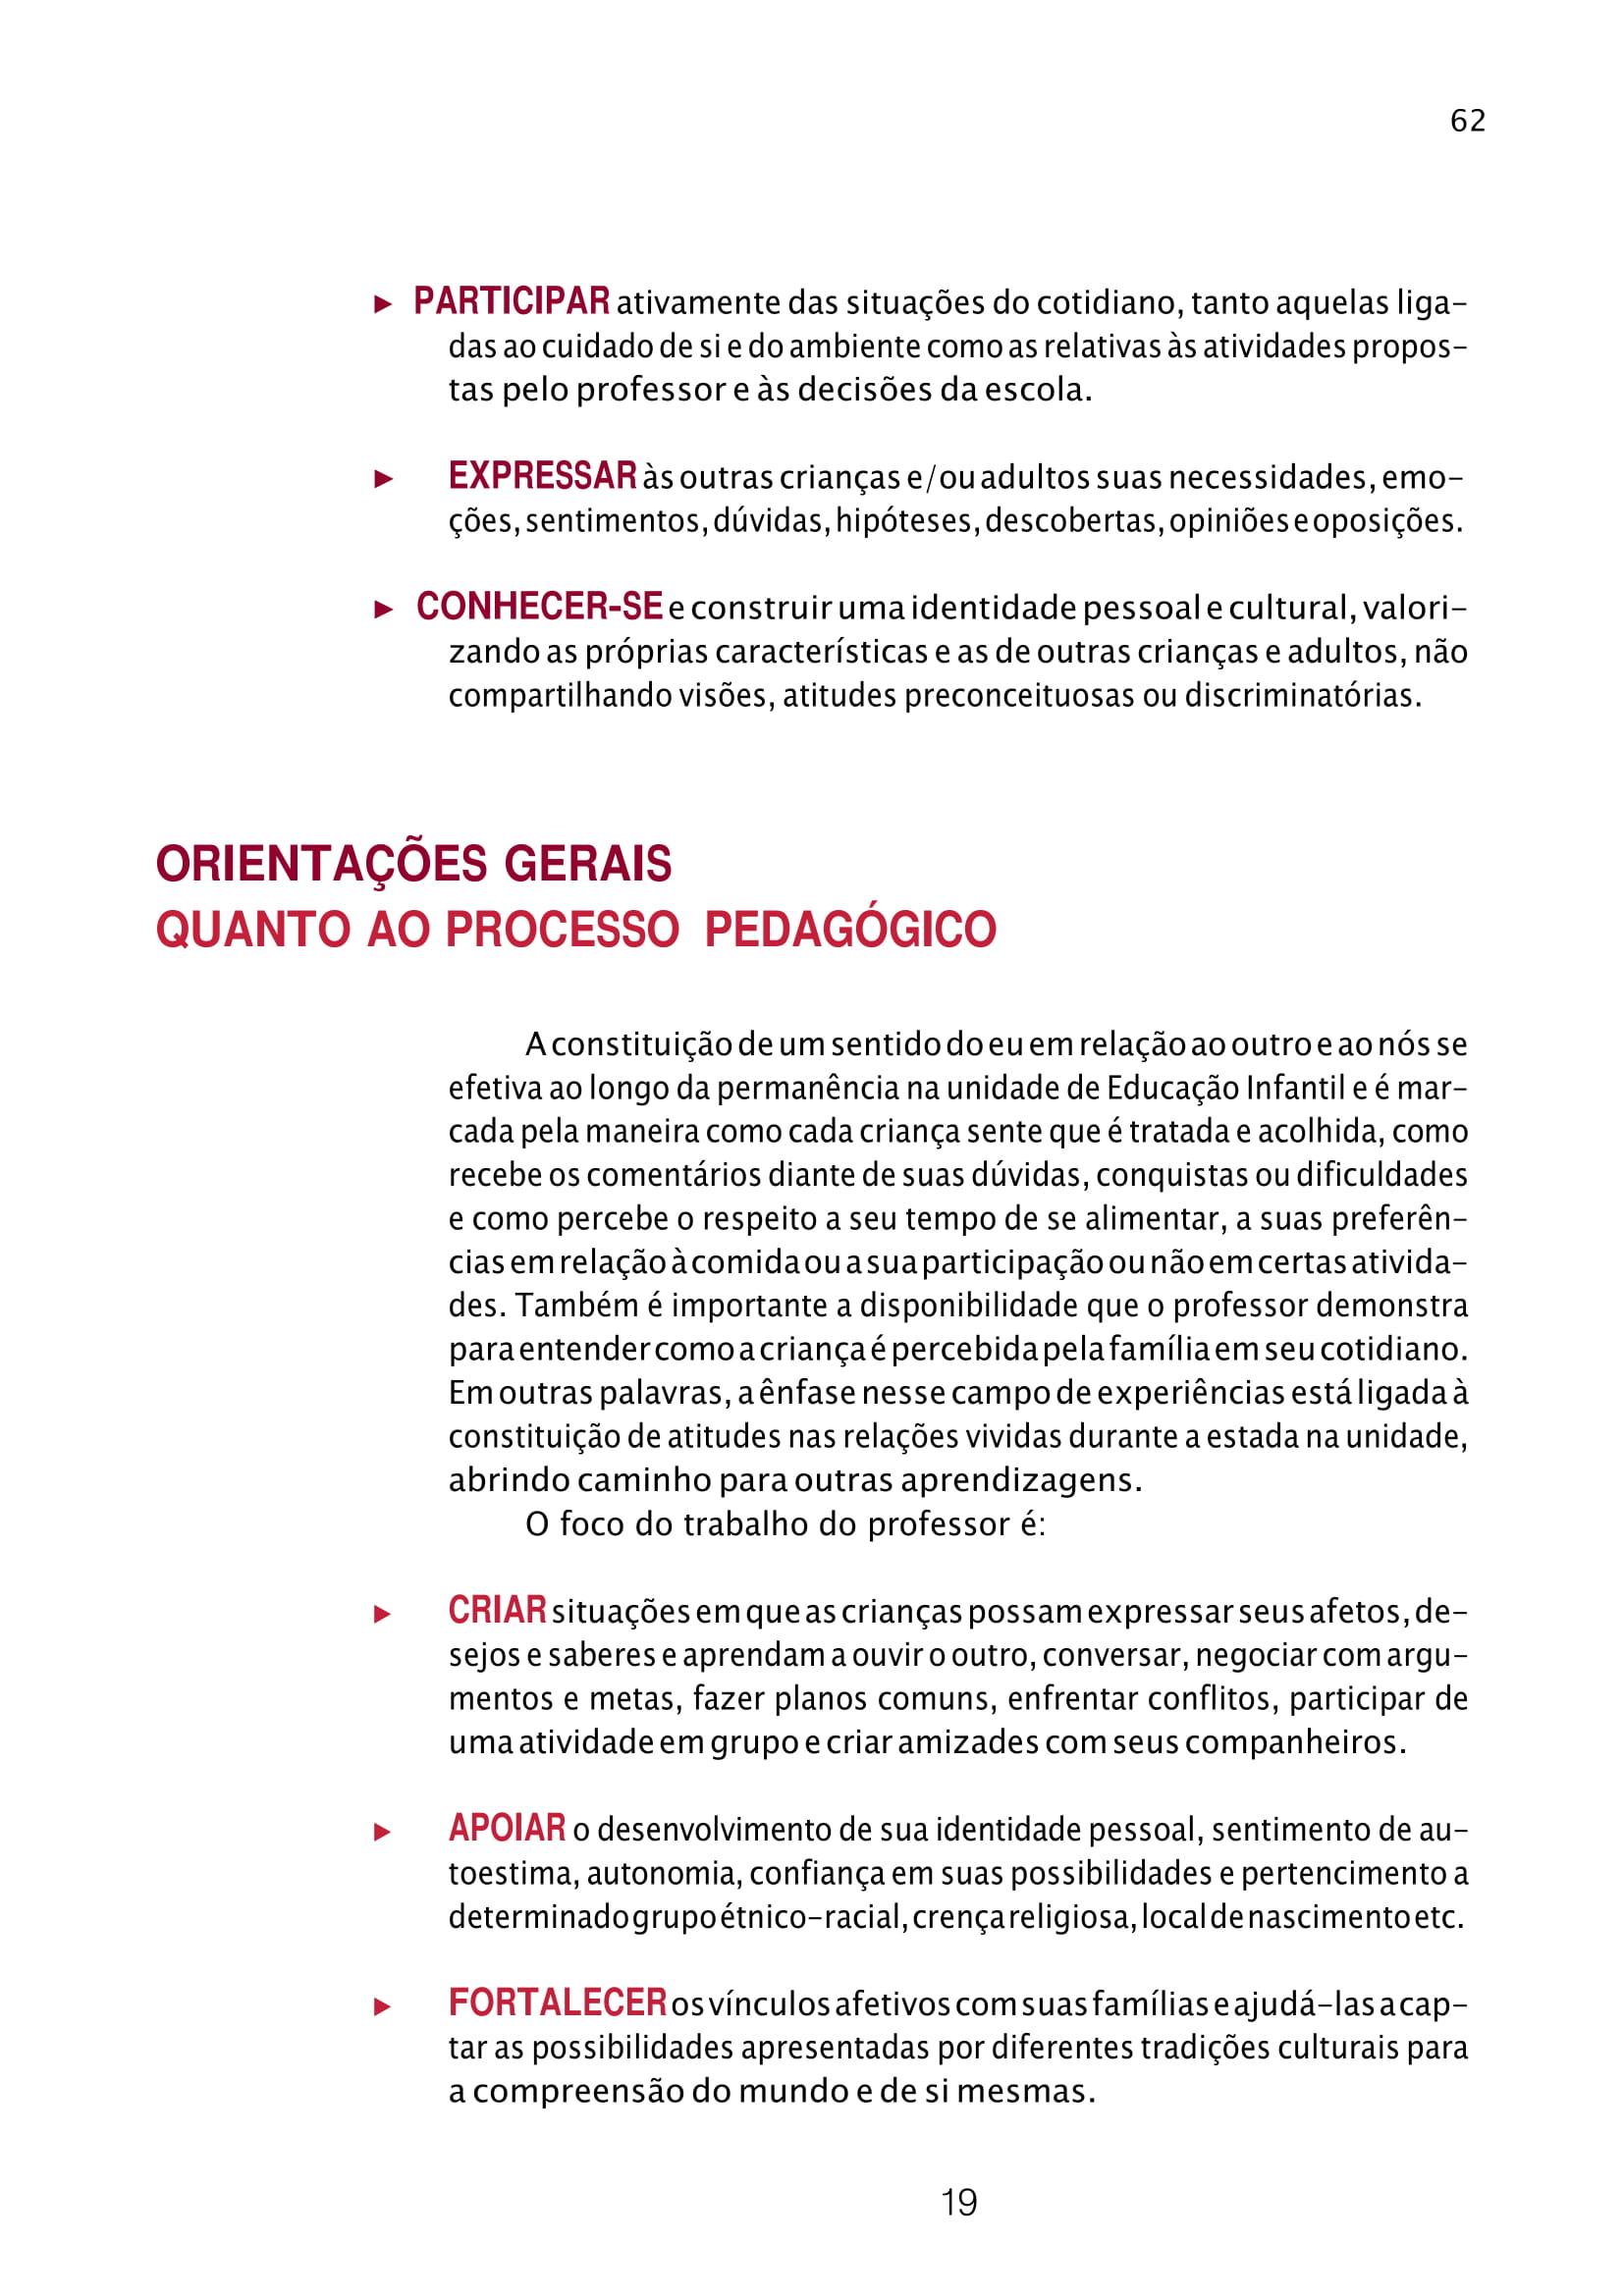 planejamento-educação-infantil-bncc-geral-92